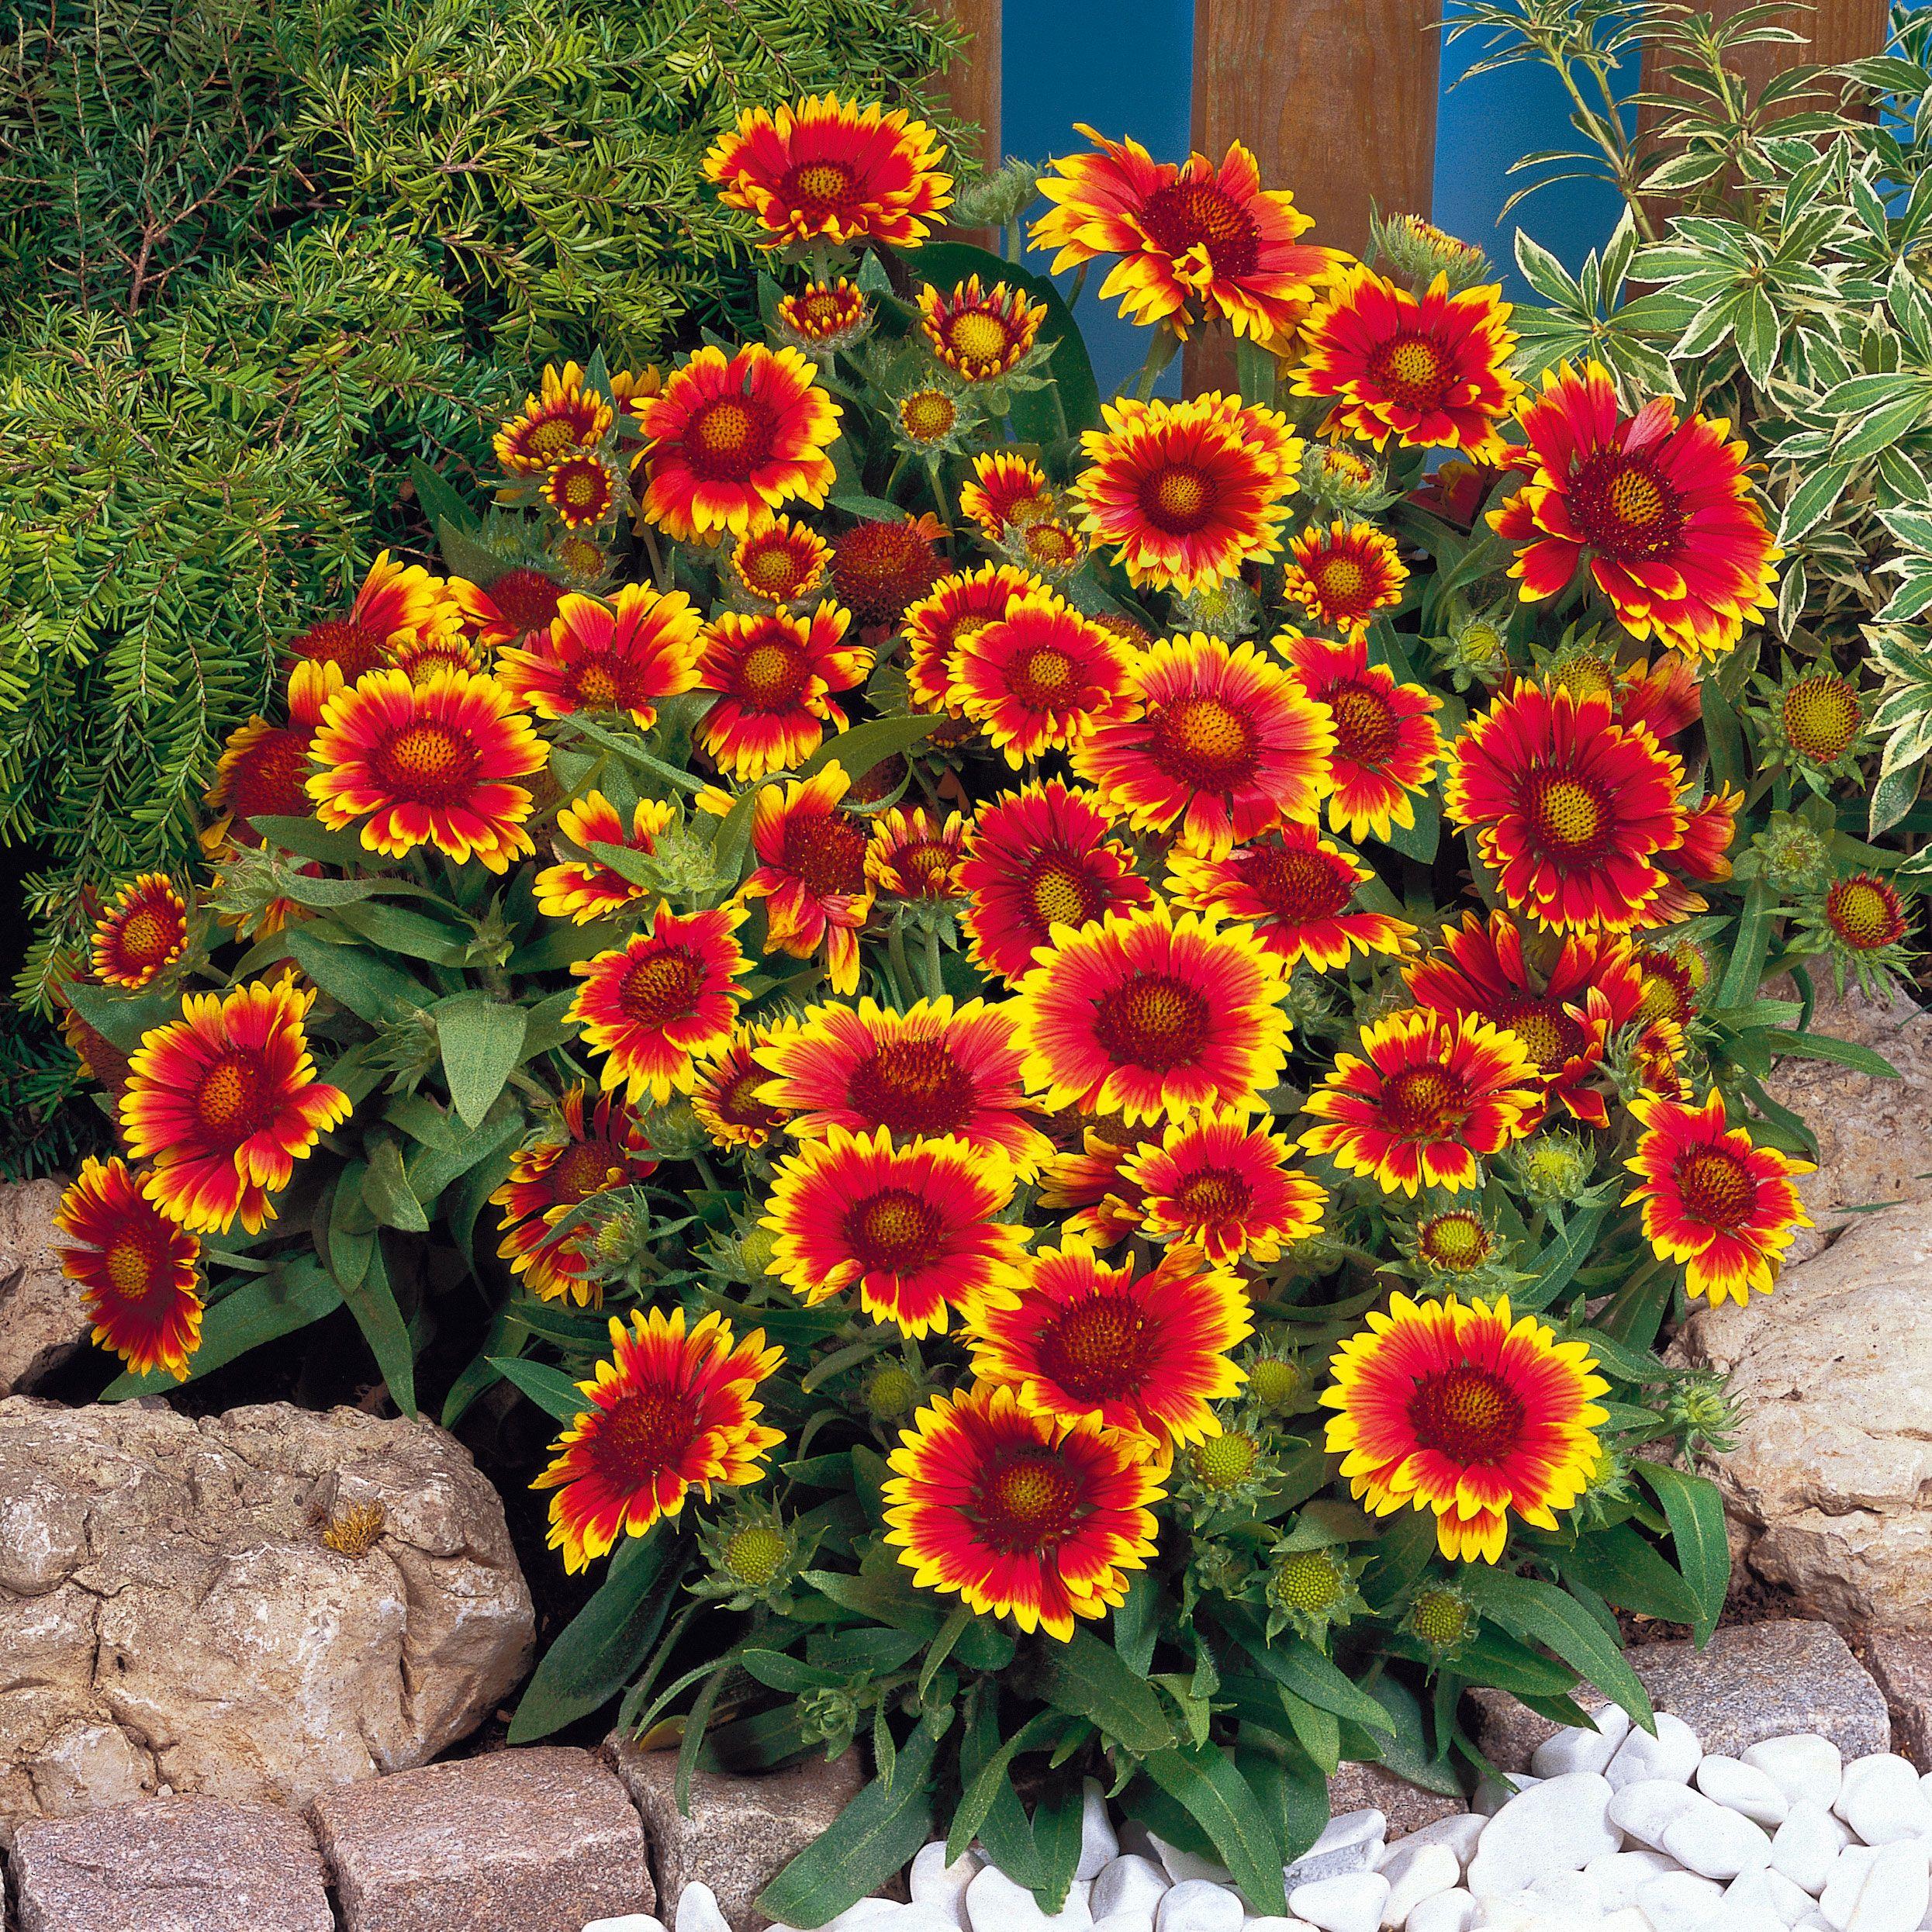 Blanket Flower Gallardia Has Red Orange And Yellow Flowers In